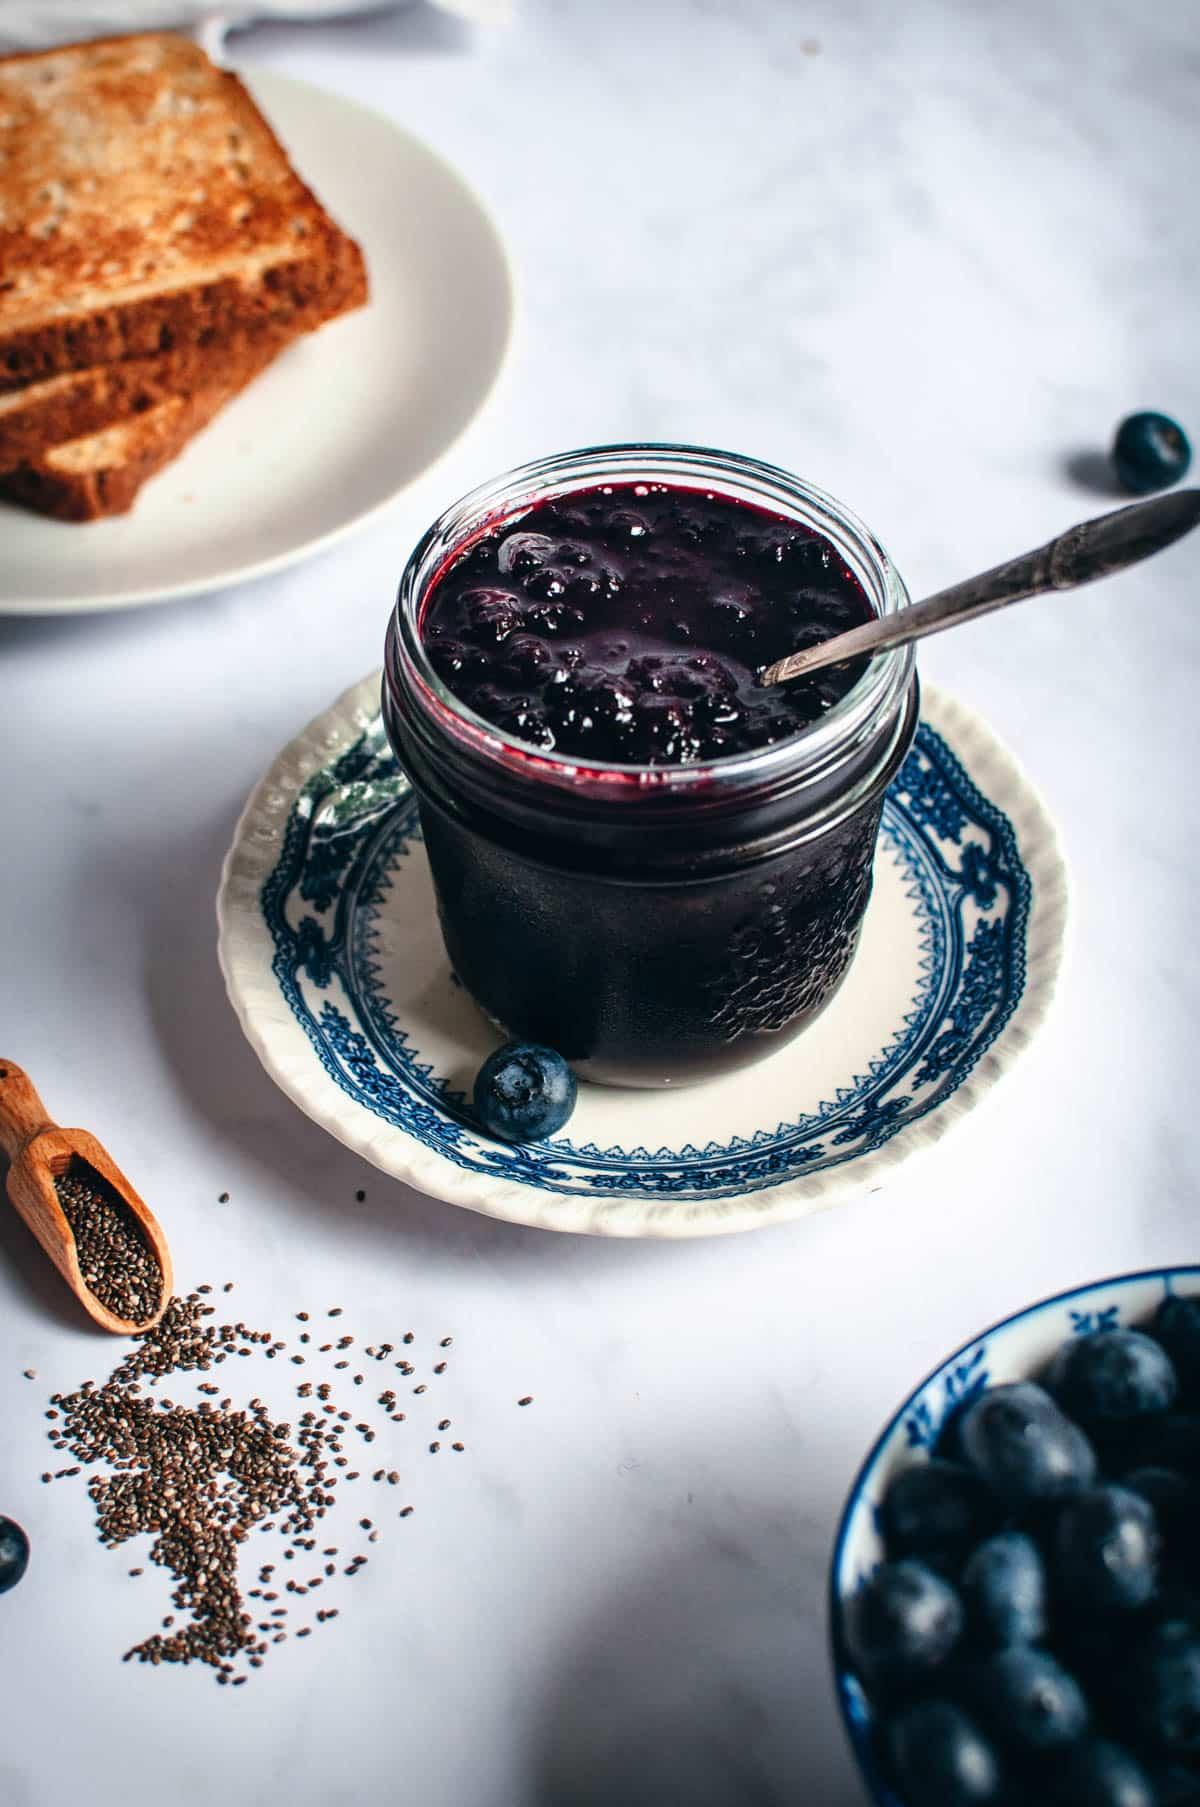 Sokeritonta mustikkahilloa avoimessa lasitölkissä, sinisen lautasen päällä.